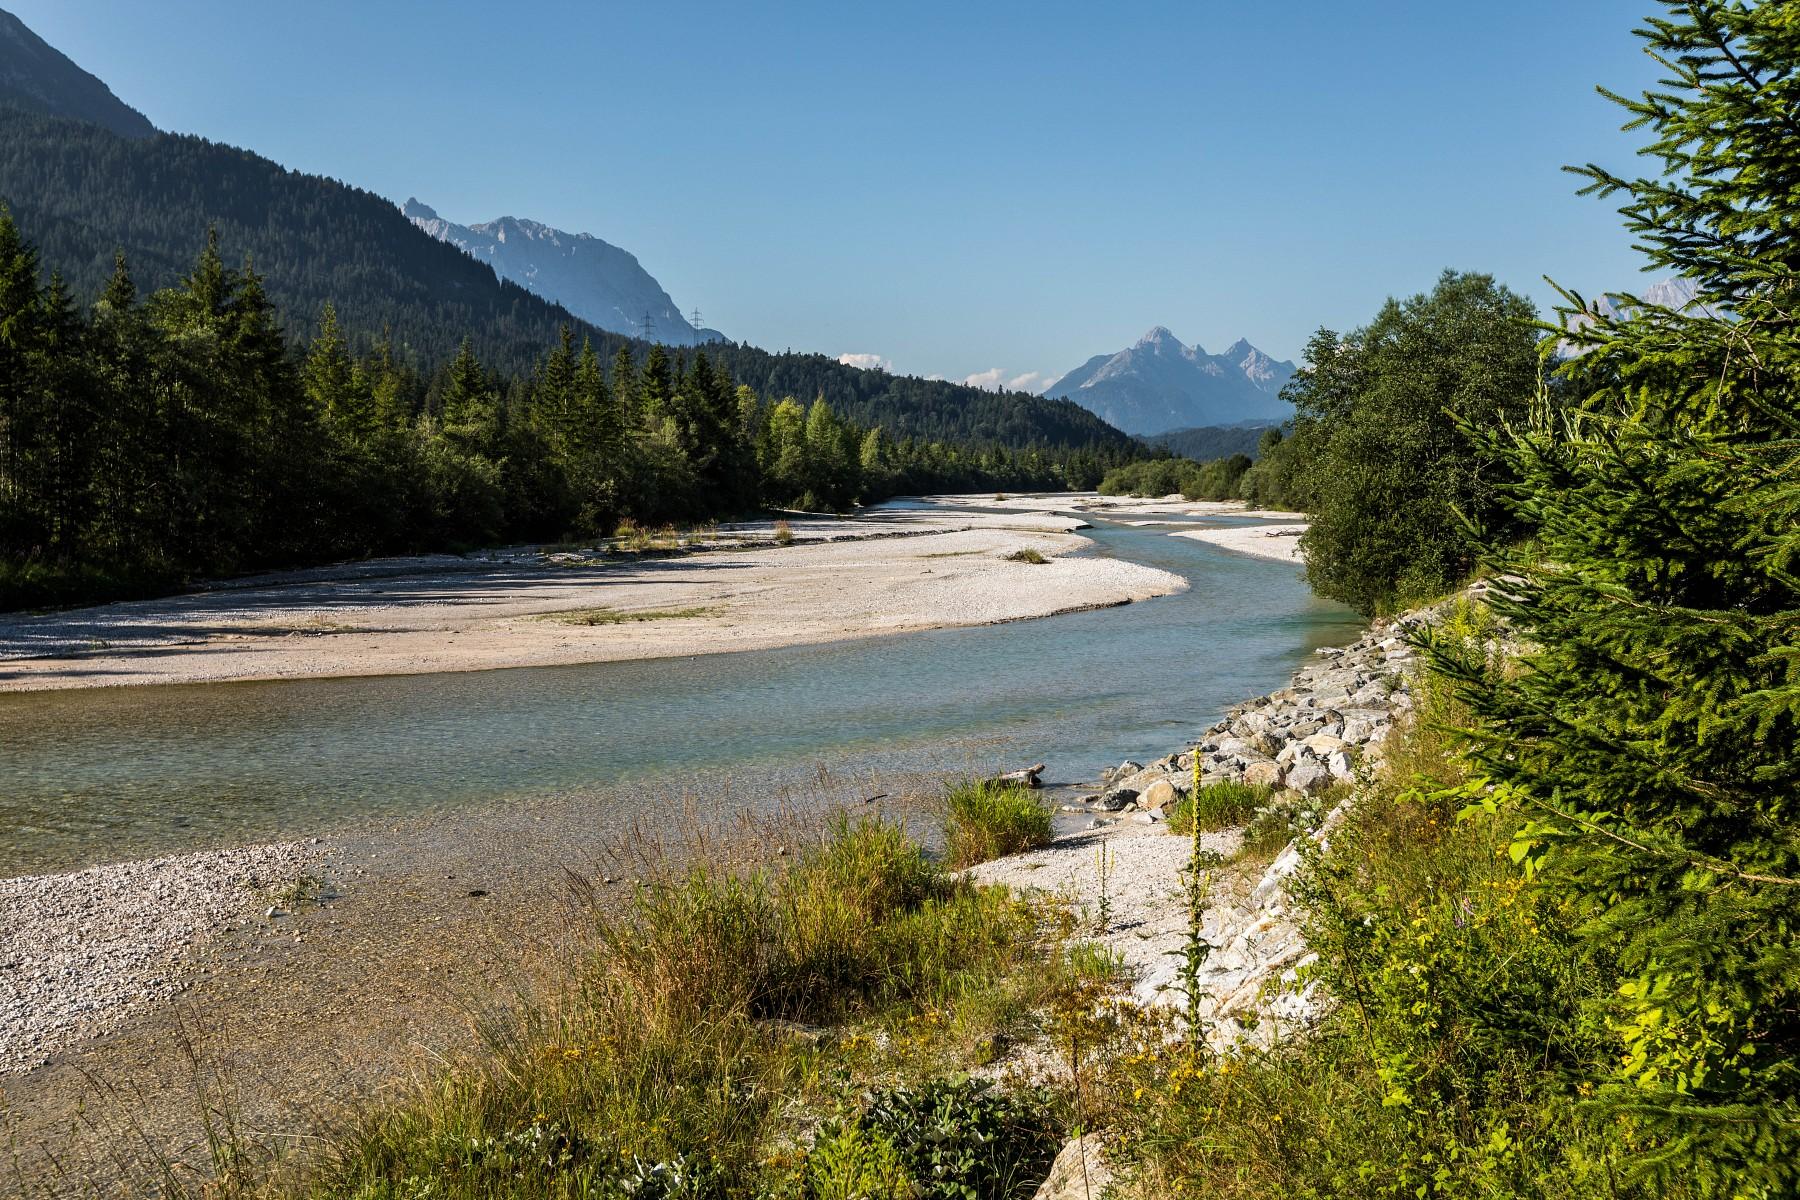 pDie-Isar-bei-Wallgau-Die-Alpenwelt-Karwendel-begruumlszligt-uns-mit-schoumlnen-Ausblickenp